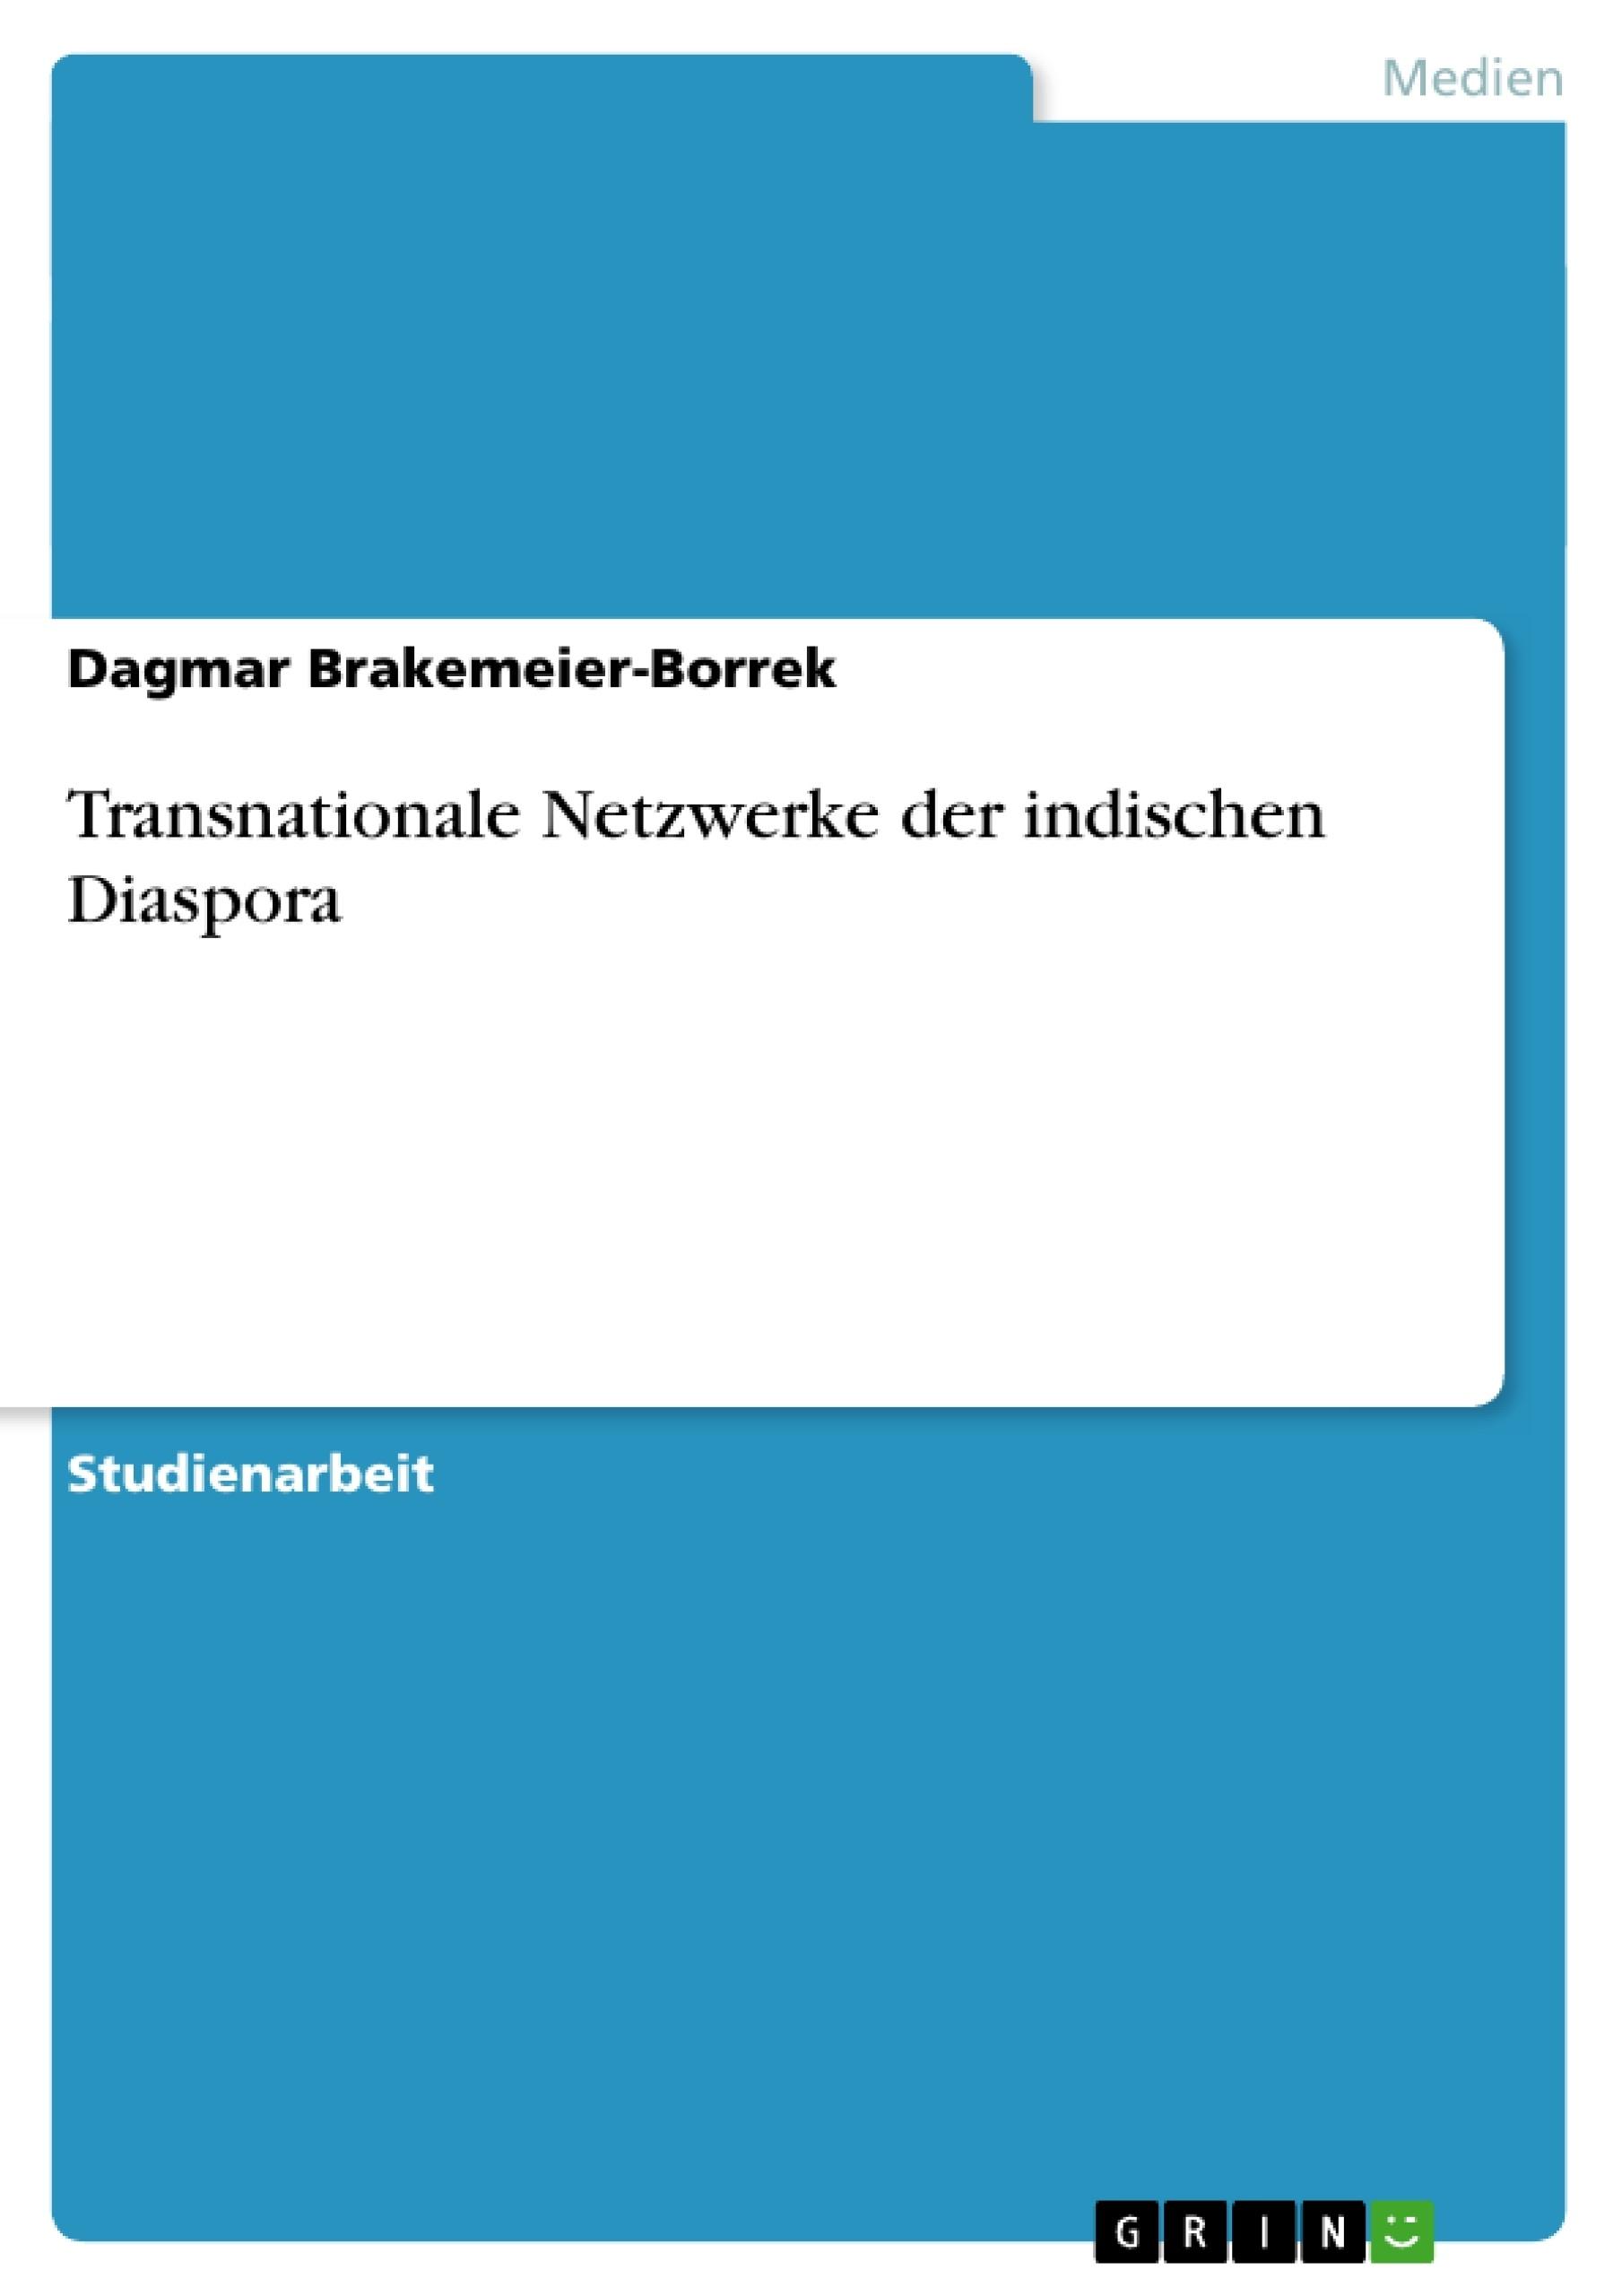 Titel: Transnationale Netzwerke der indischen Diaspora